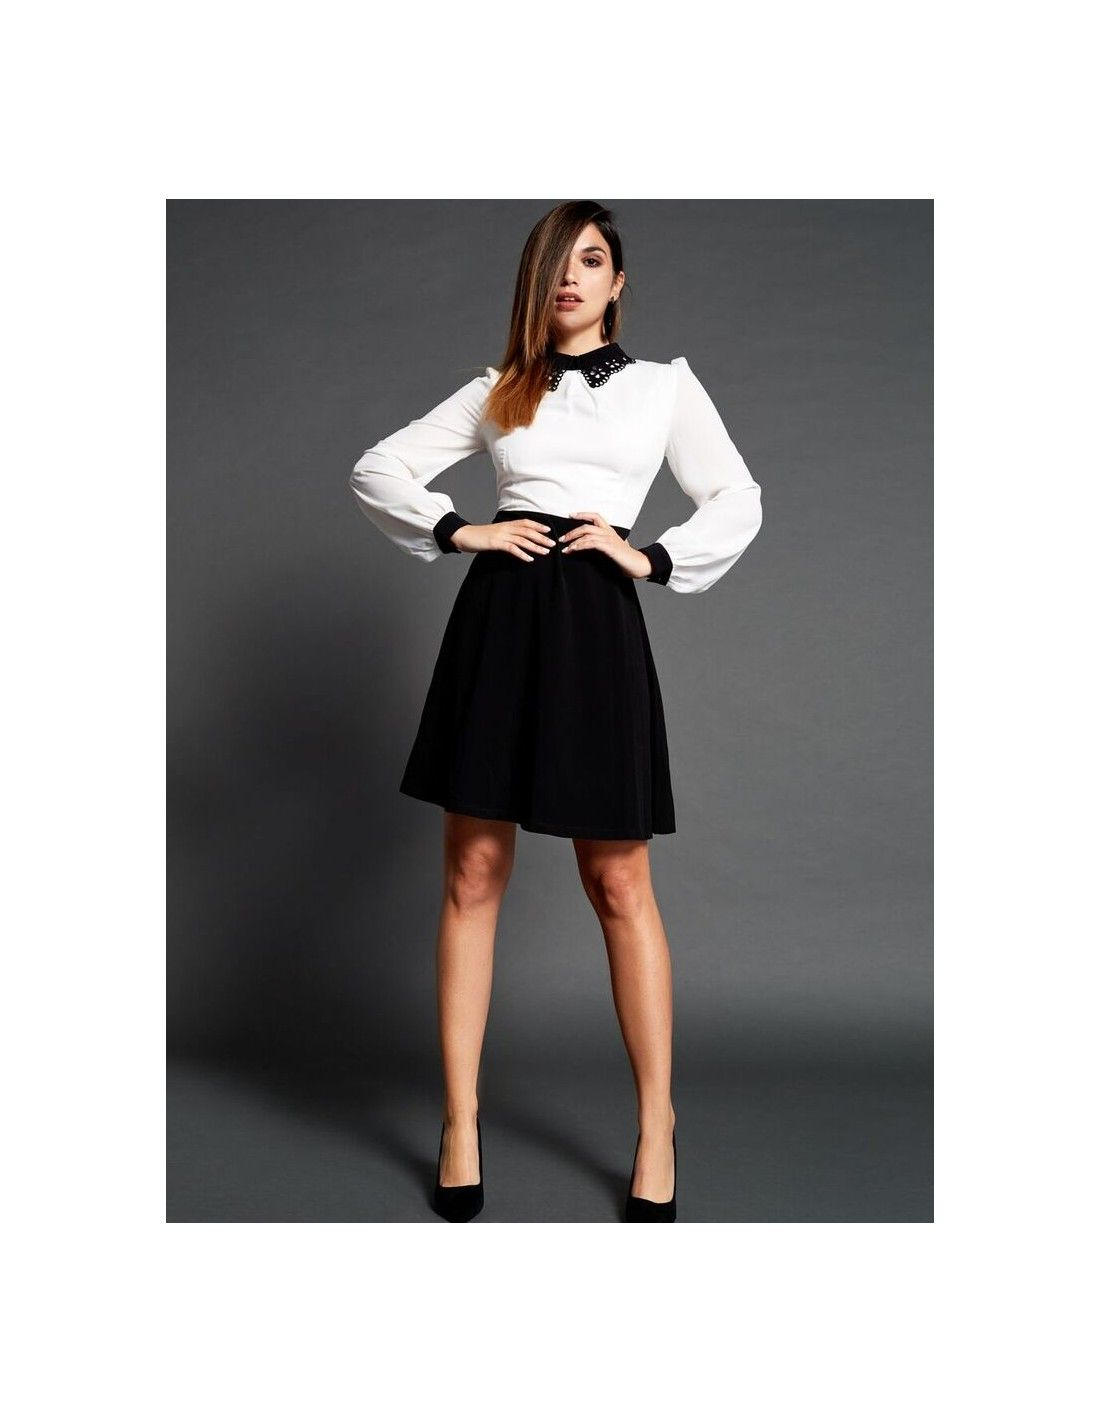 Vestido Malabo - Vestido bicolor en blanco y negro. Detalle de cuello en  negro troquelado 3941dbc4269e